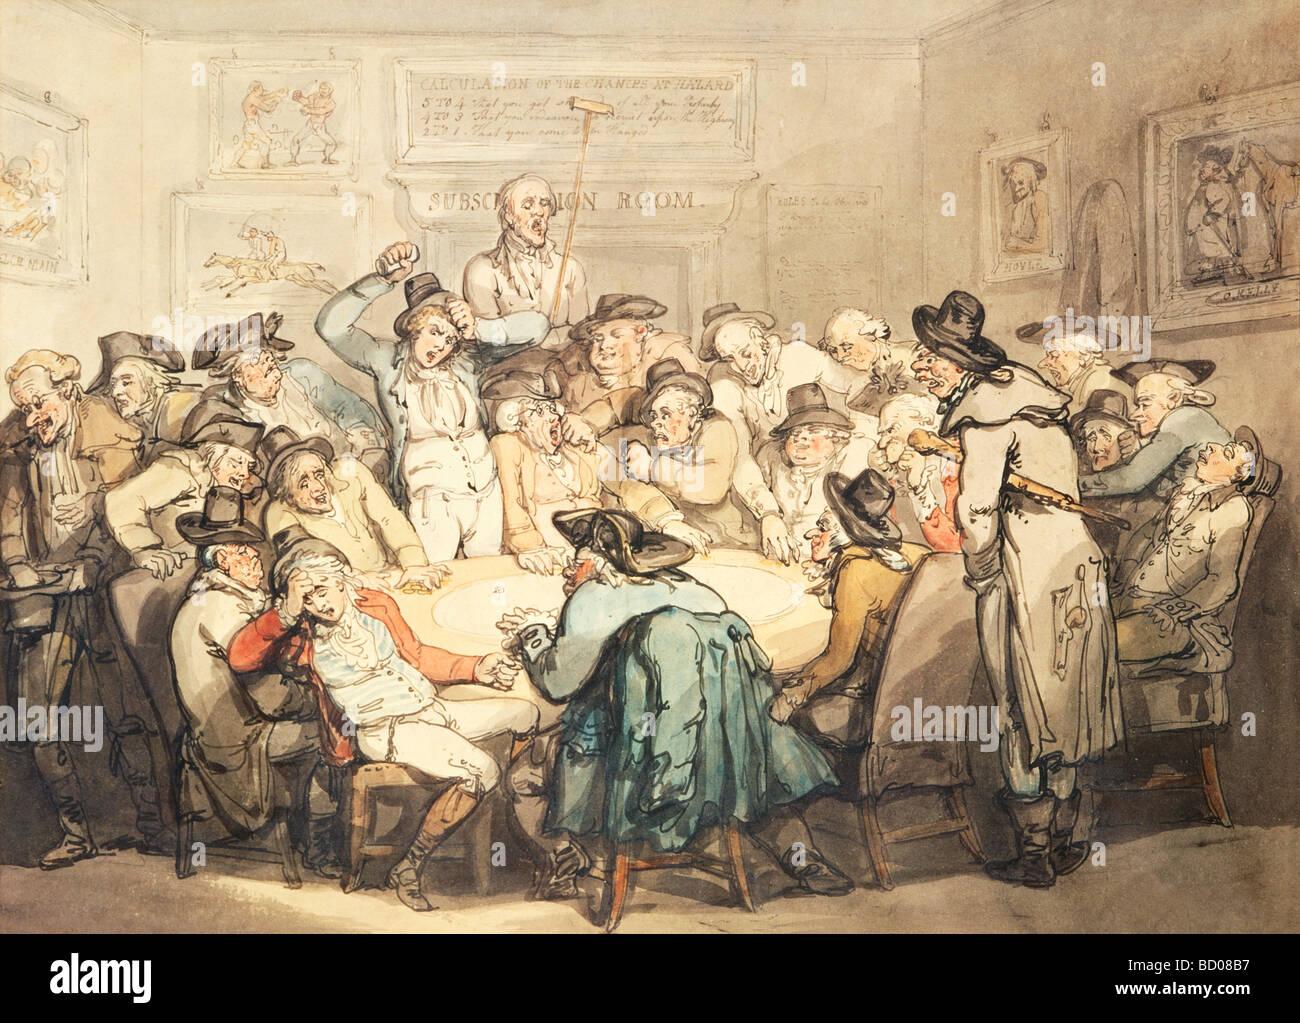 18th century gambling internet cafe gambling tallahassee